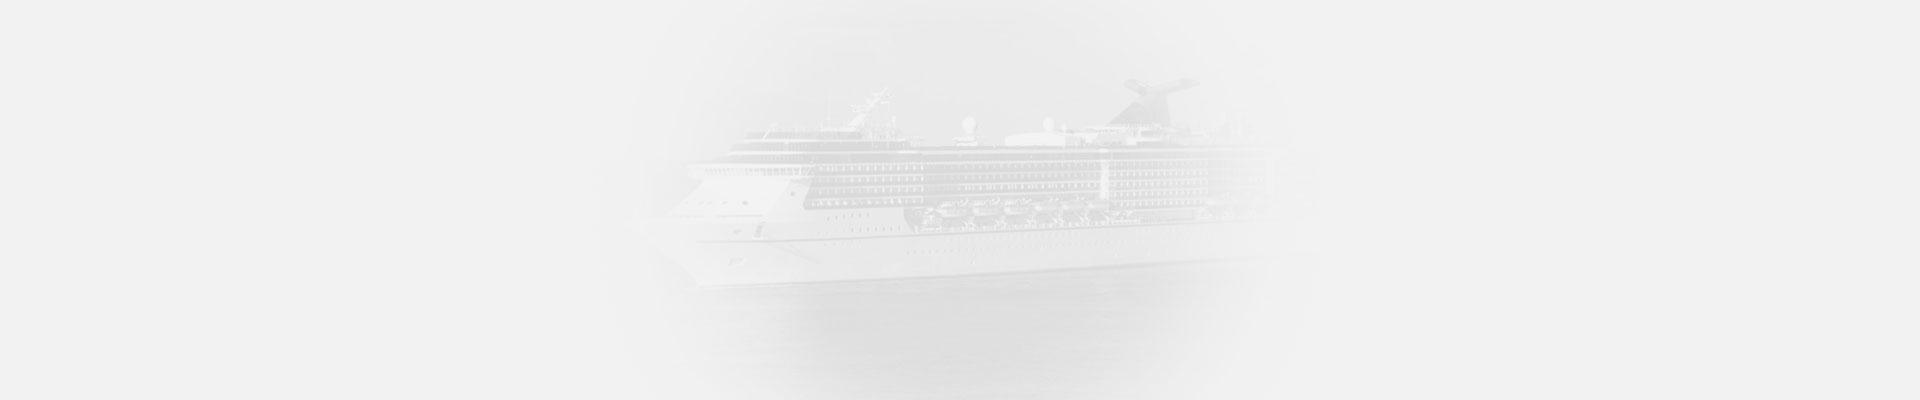 cruise_terminals